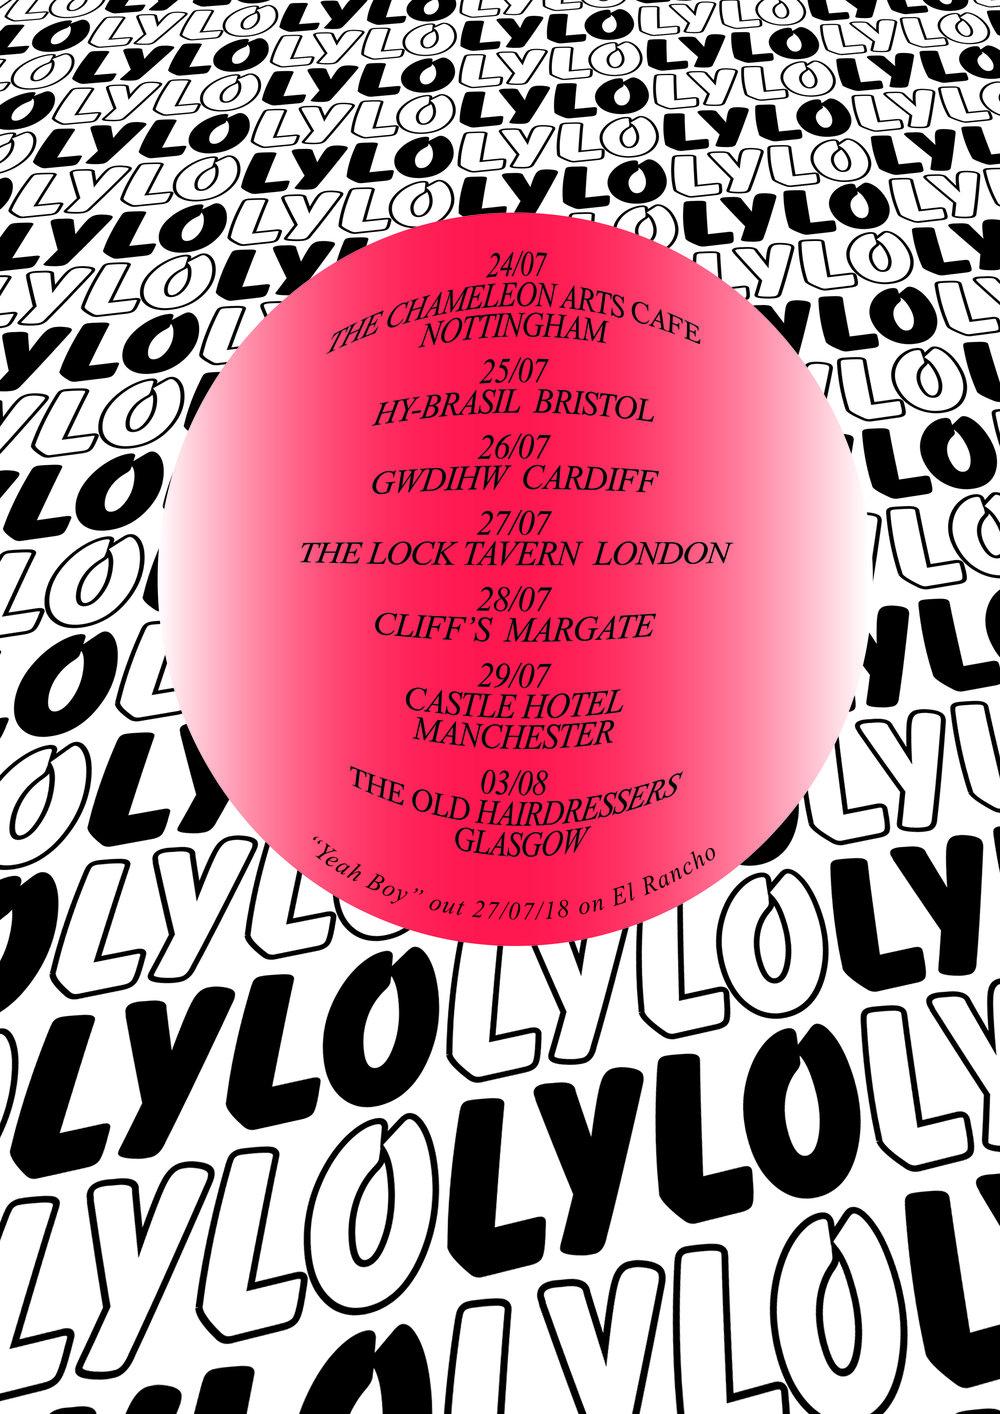 Lylo_tour poster.jpg